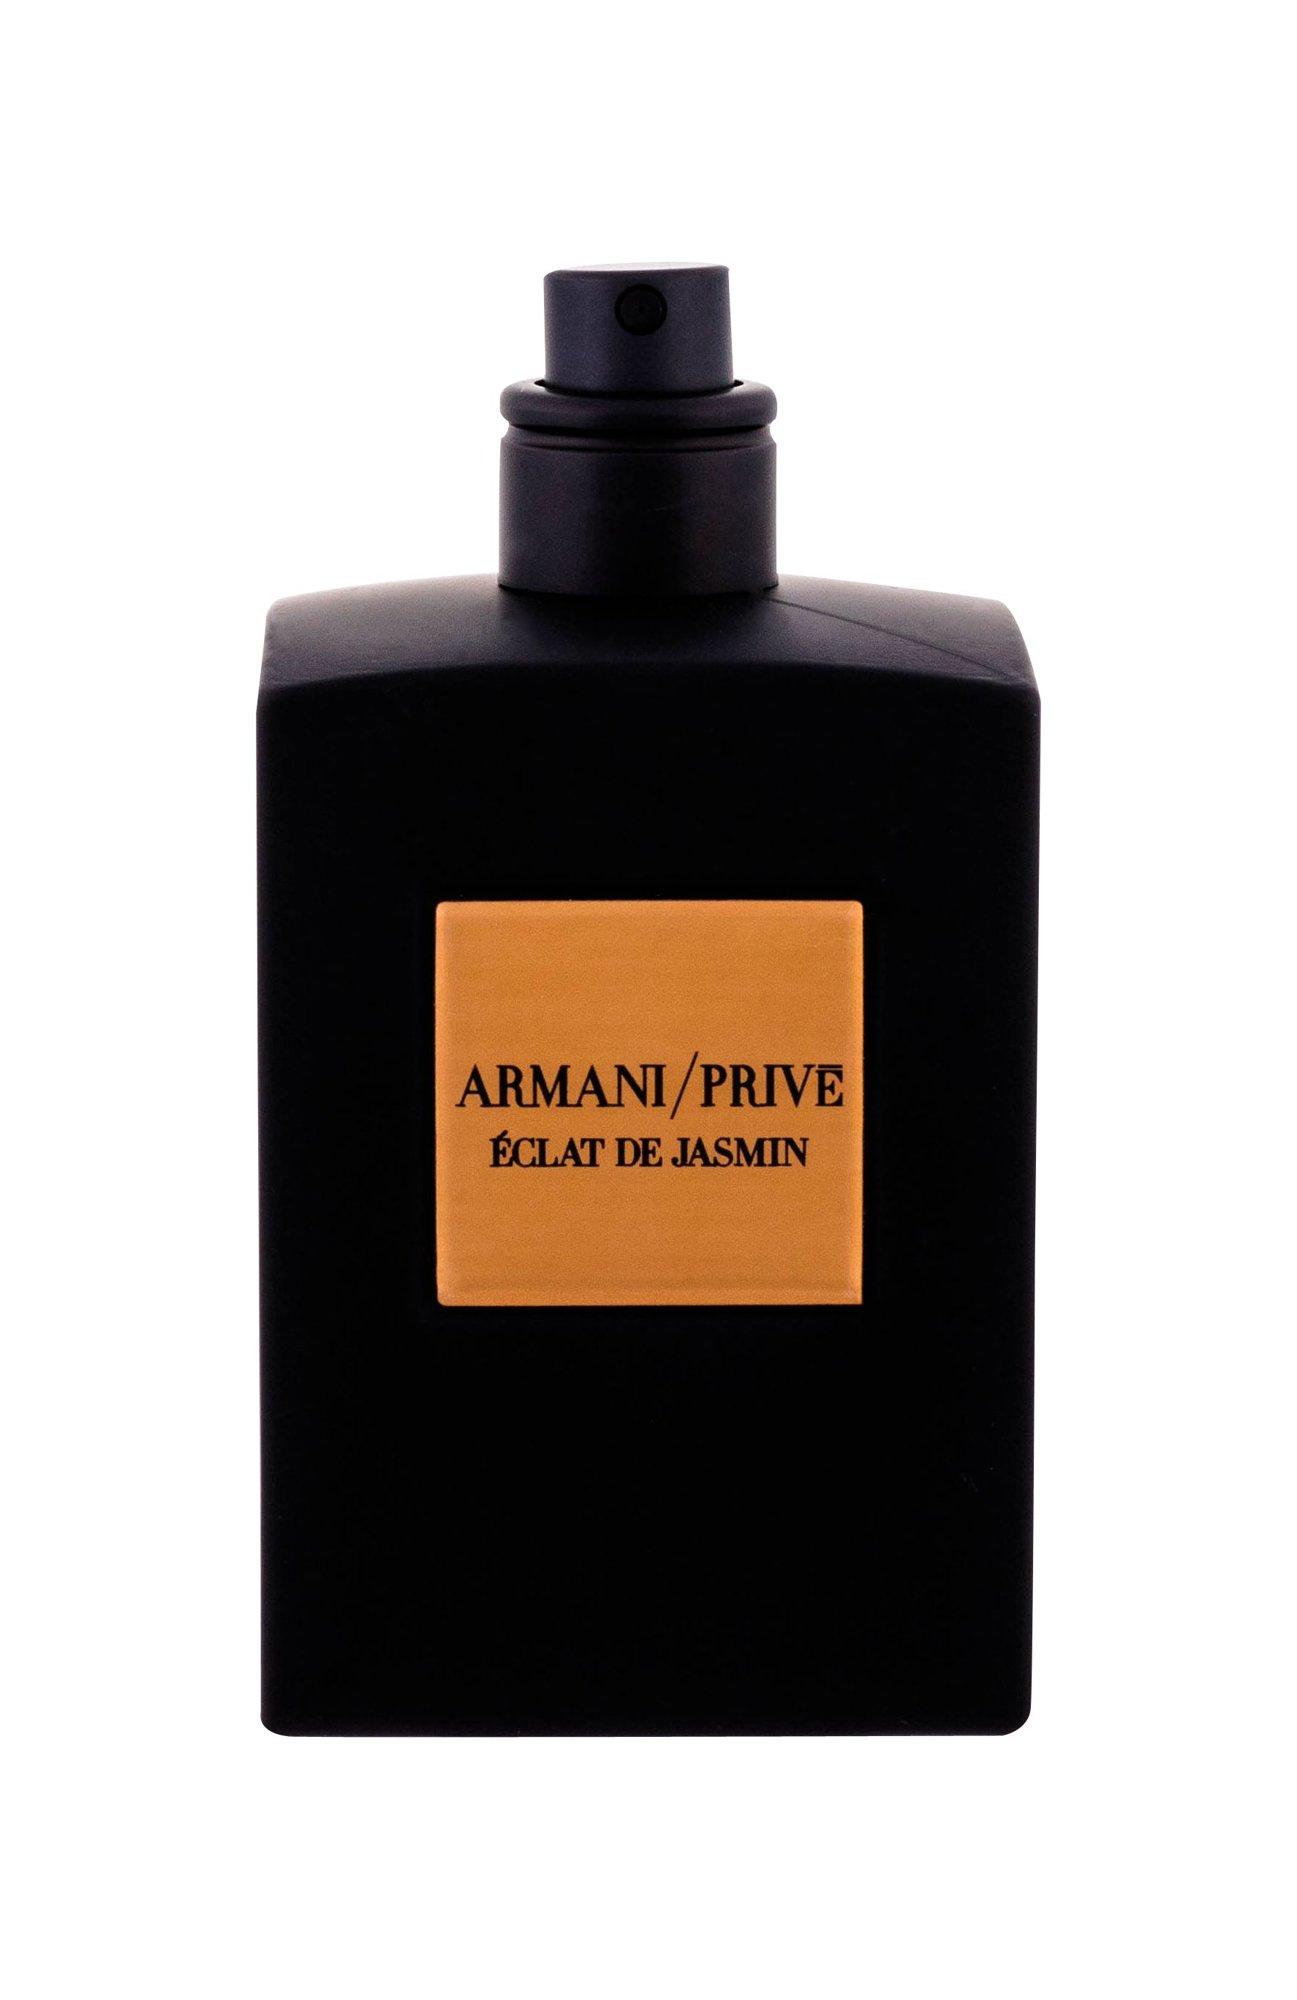 Armani Privé Eclat de Jasmin Eau de Parfum 100ml